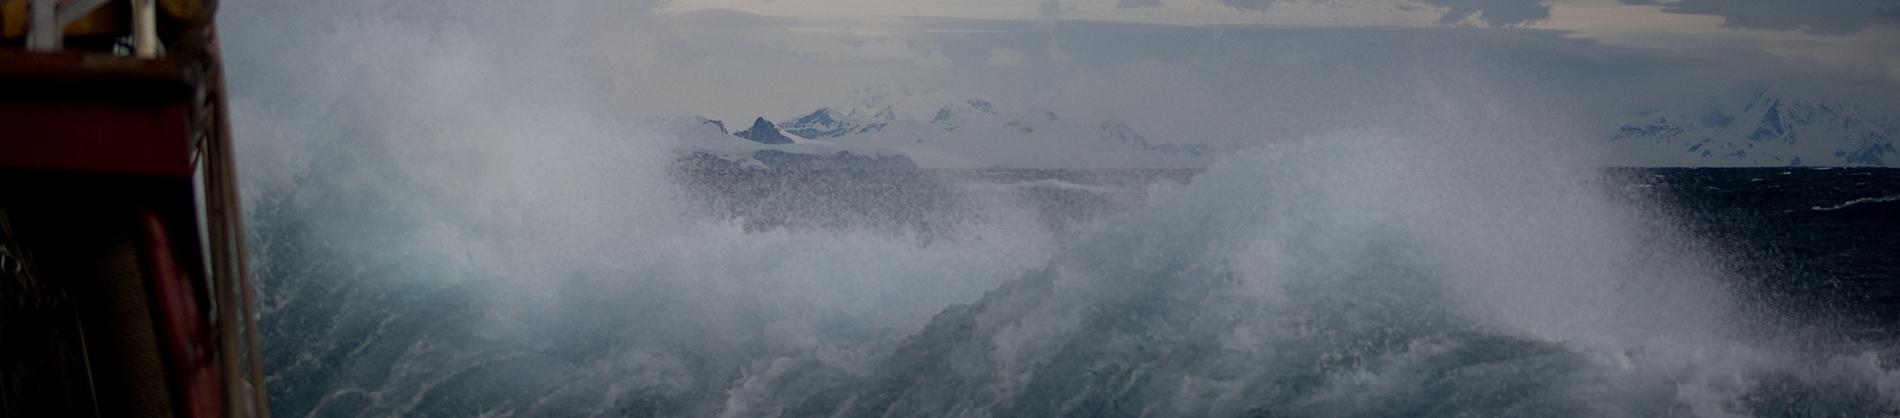 Waves crashing during storm